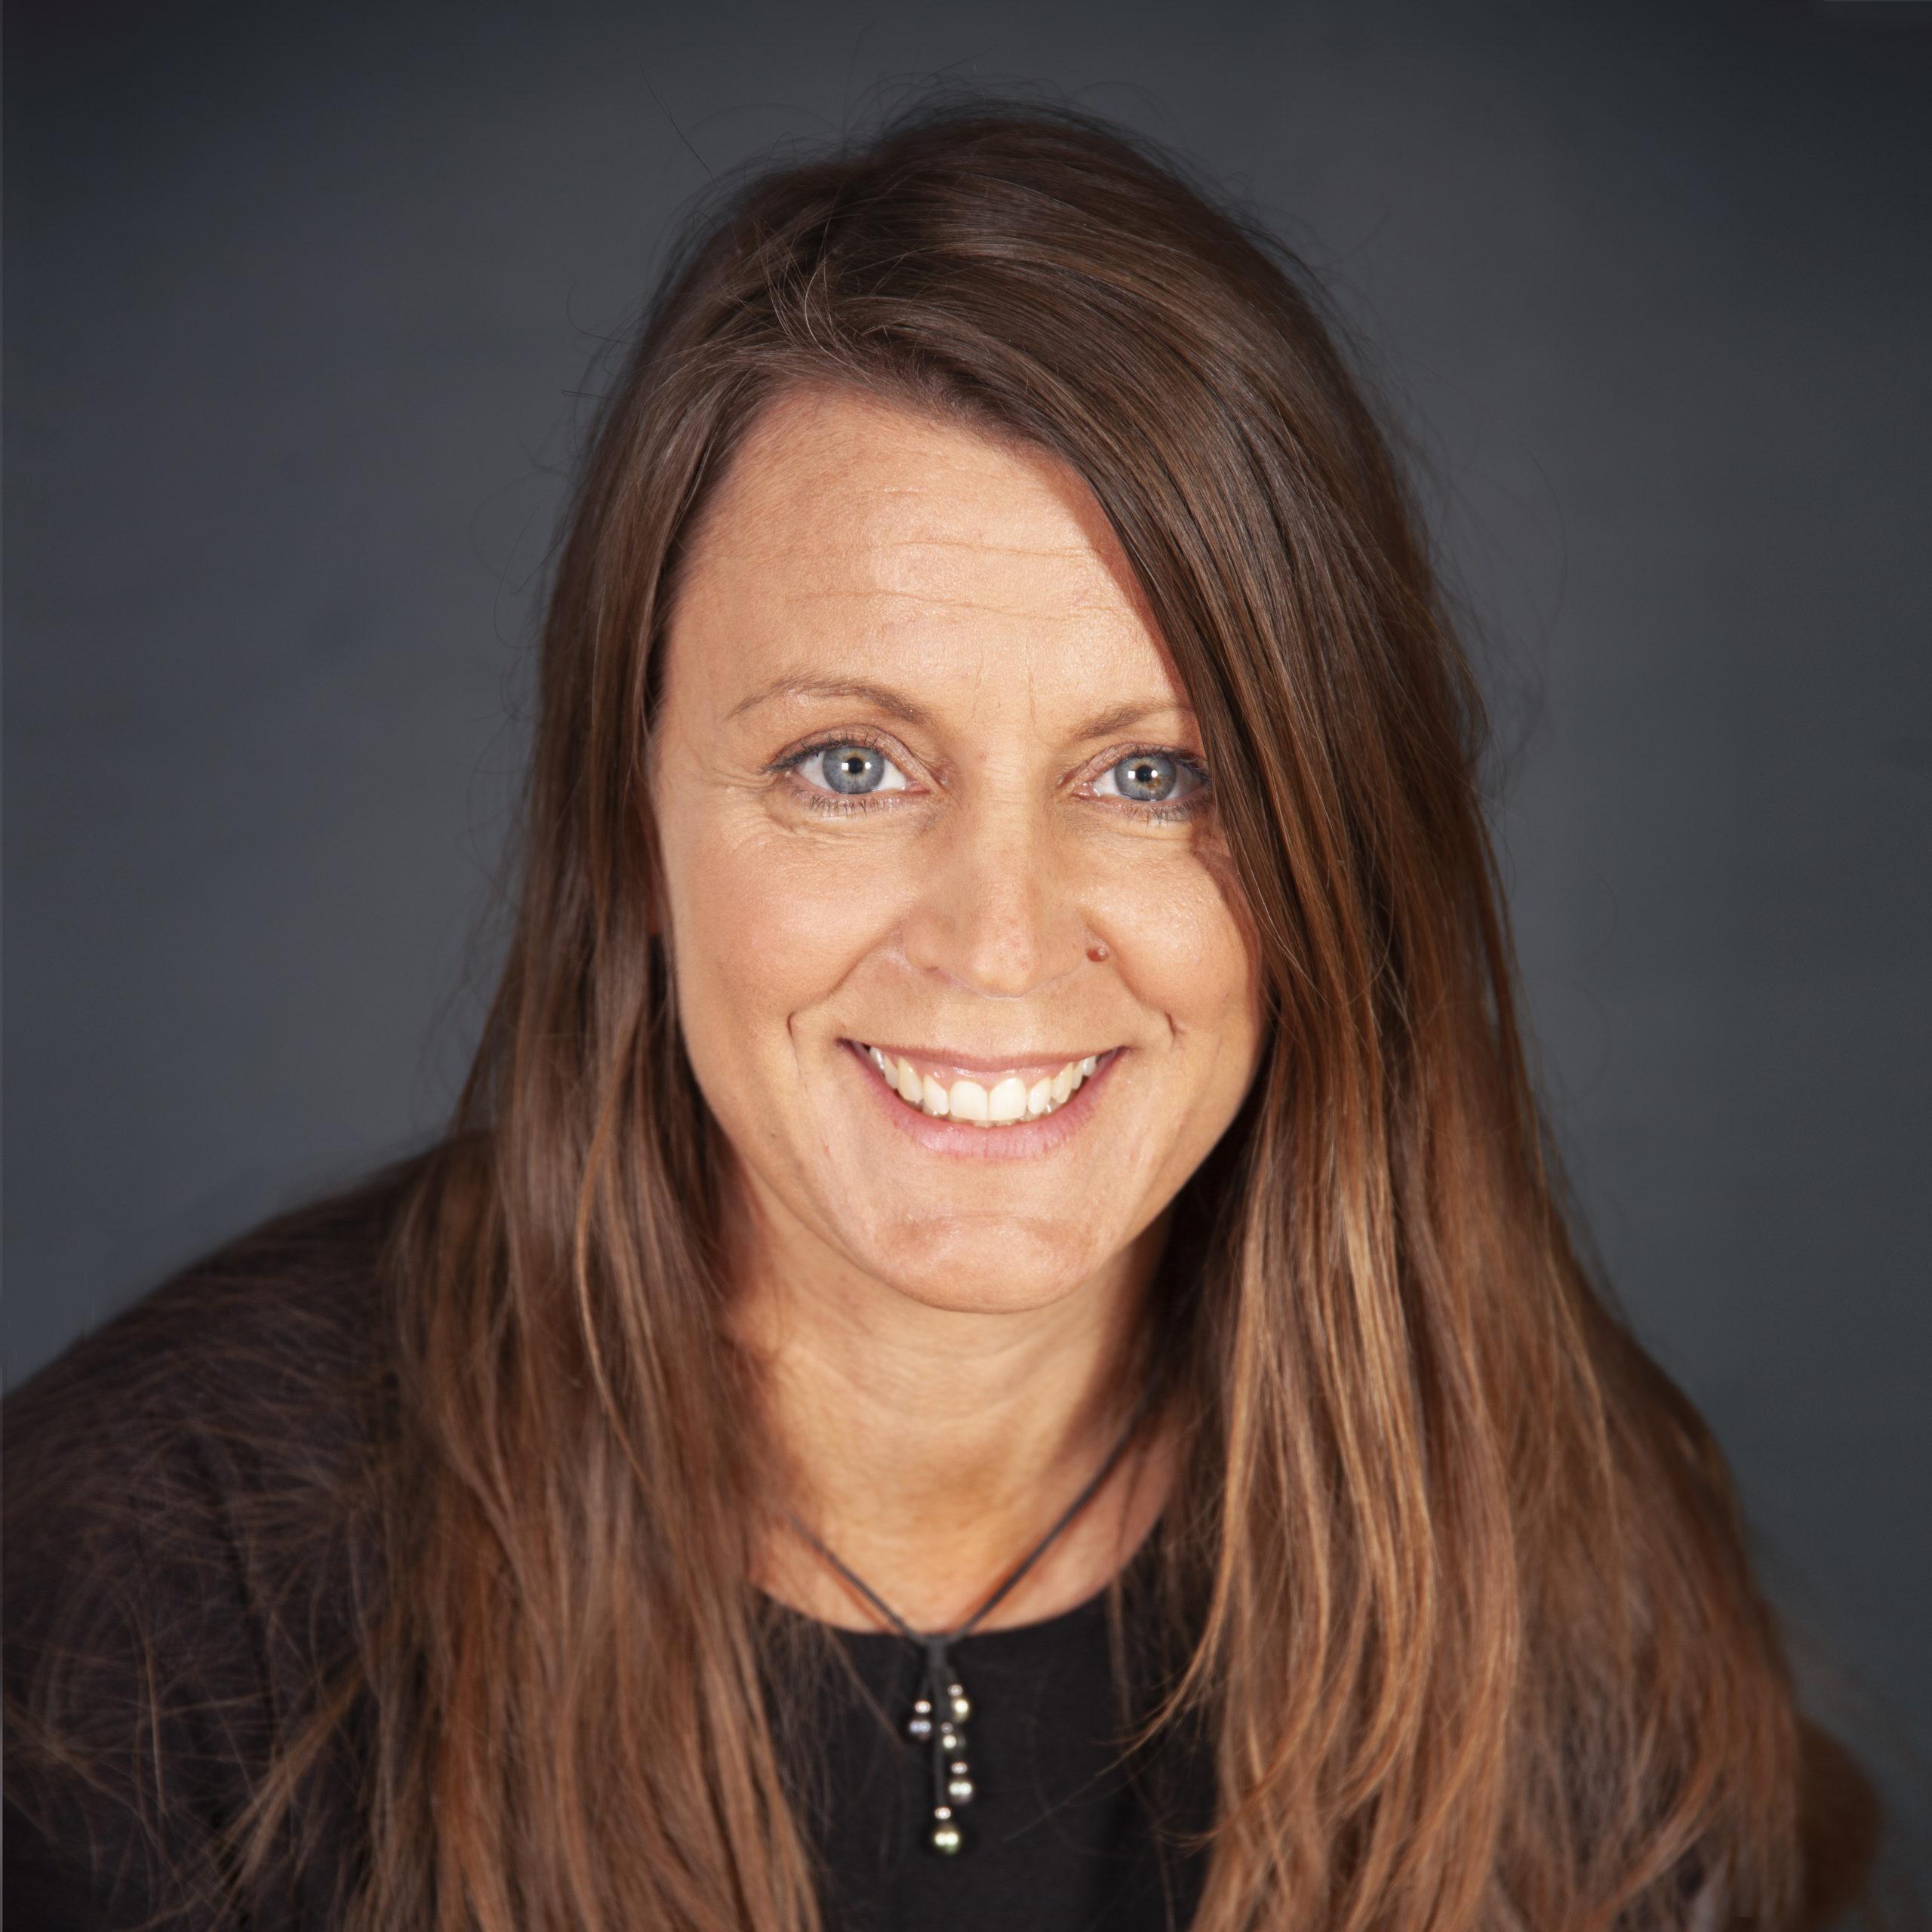 Melanie Bornemann